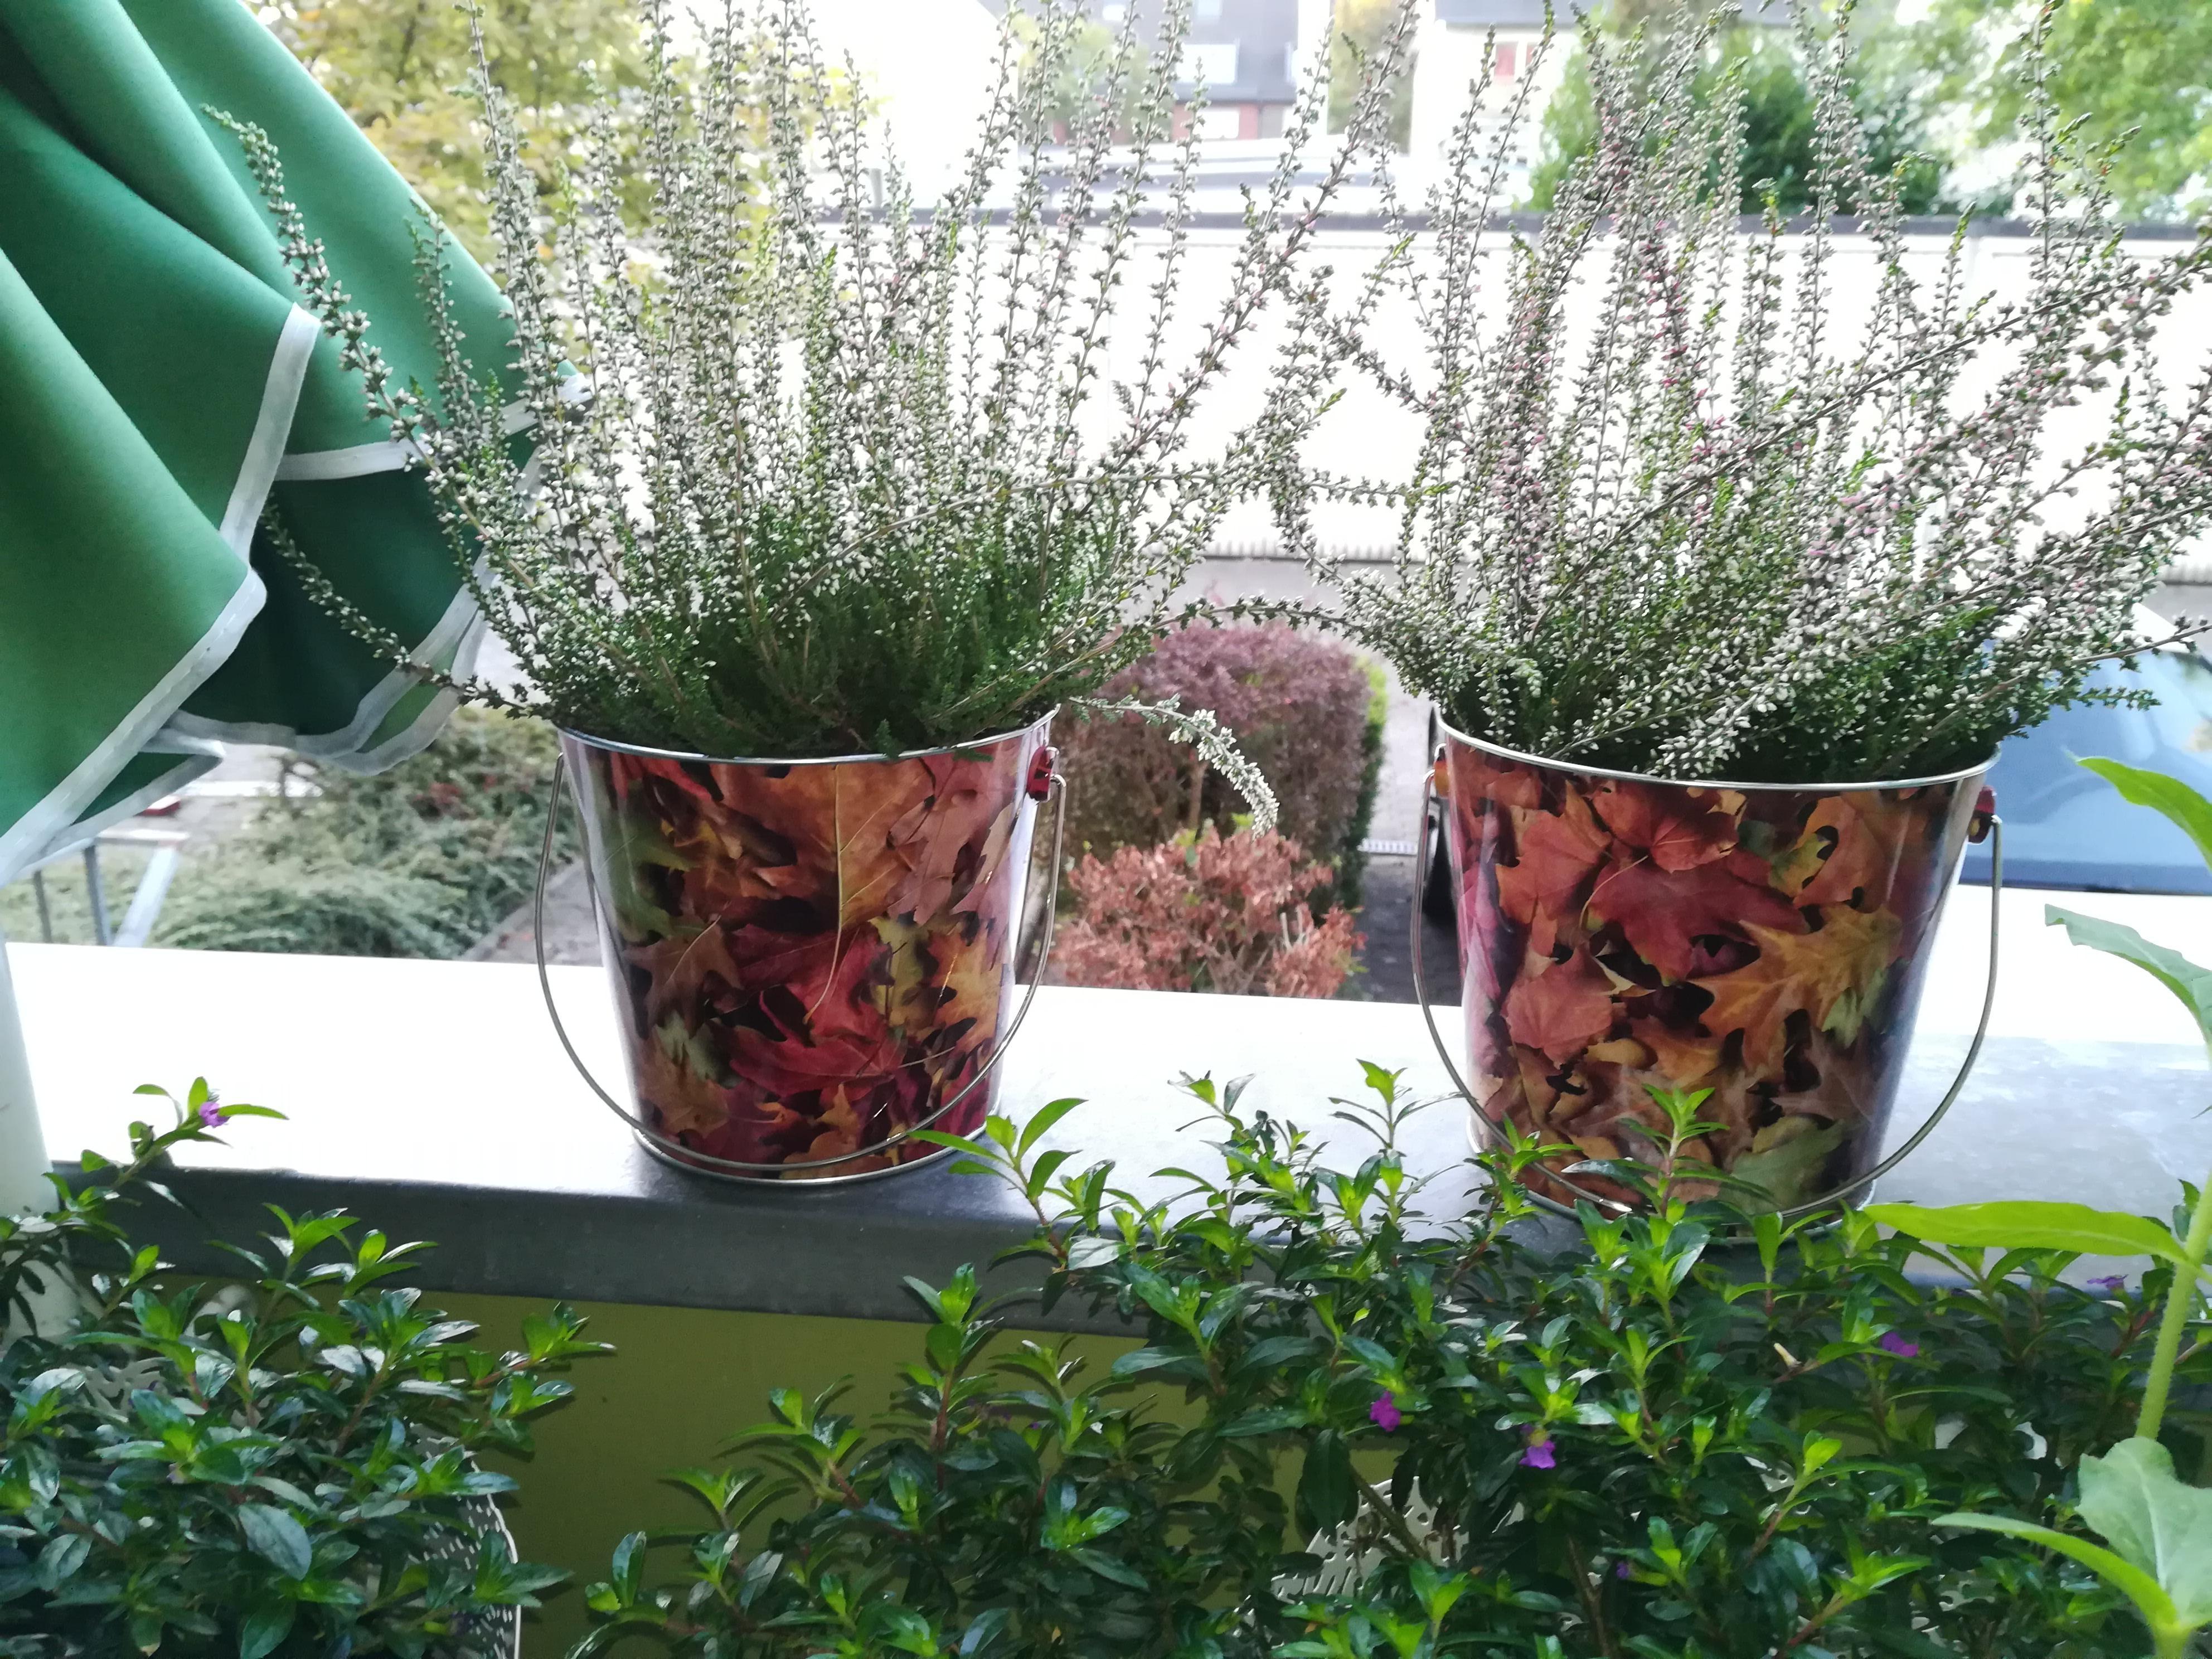 Blumentopf: Inspiration rund um Blumentöpfe bei COUCH!